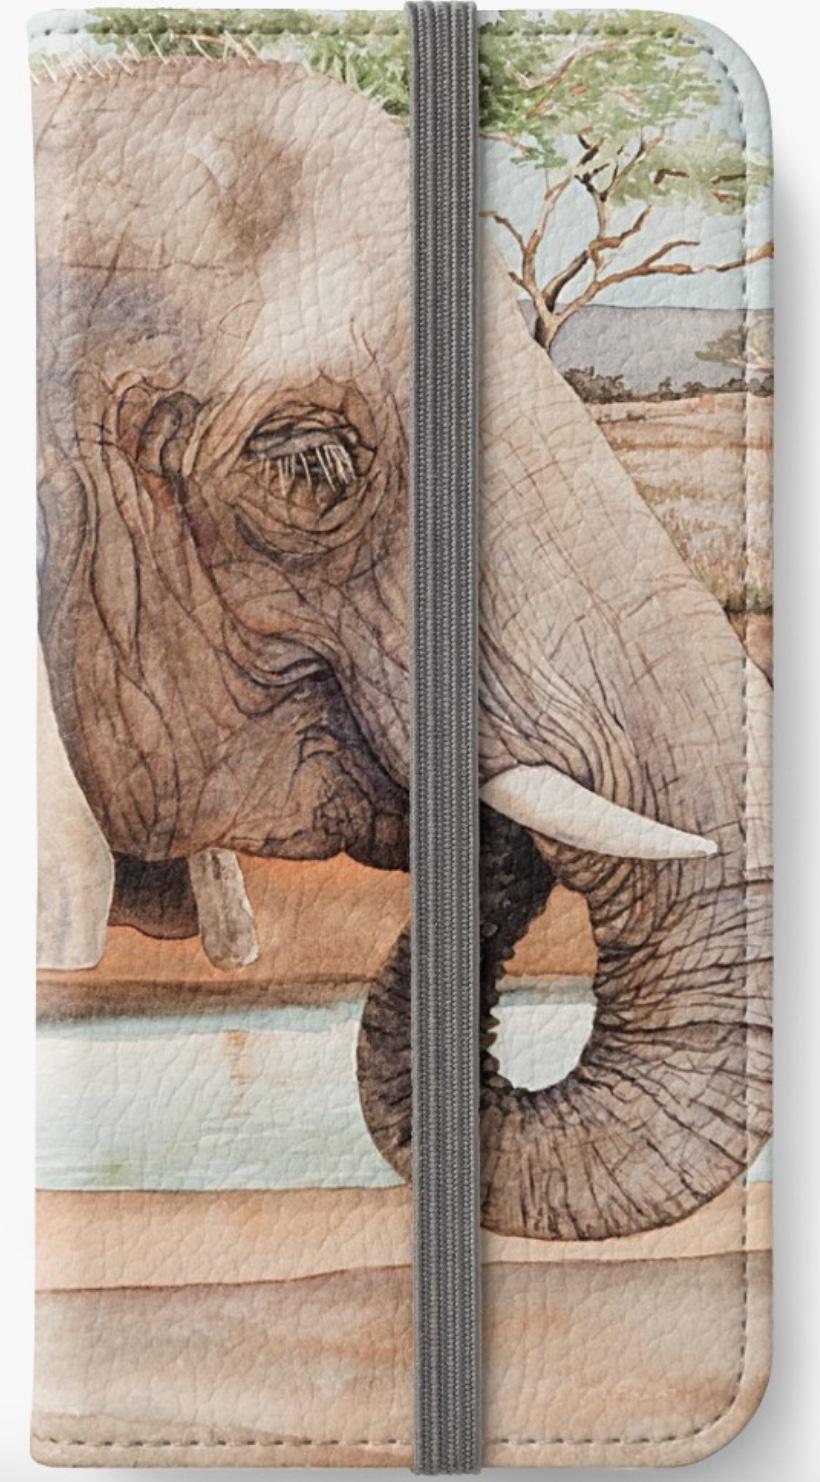 Elephant-iPhone-Wallet.jpeg